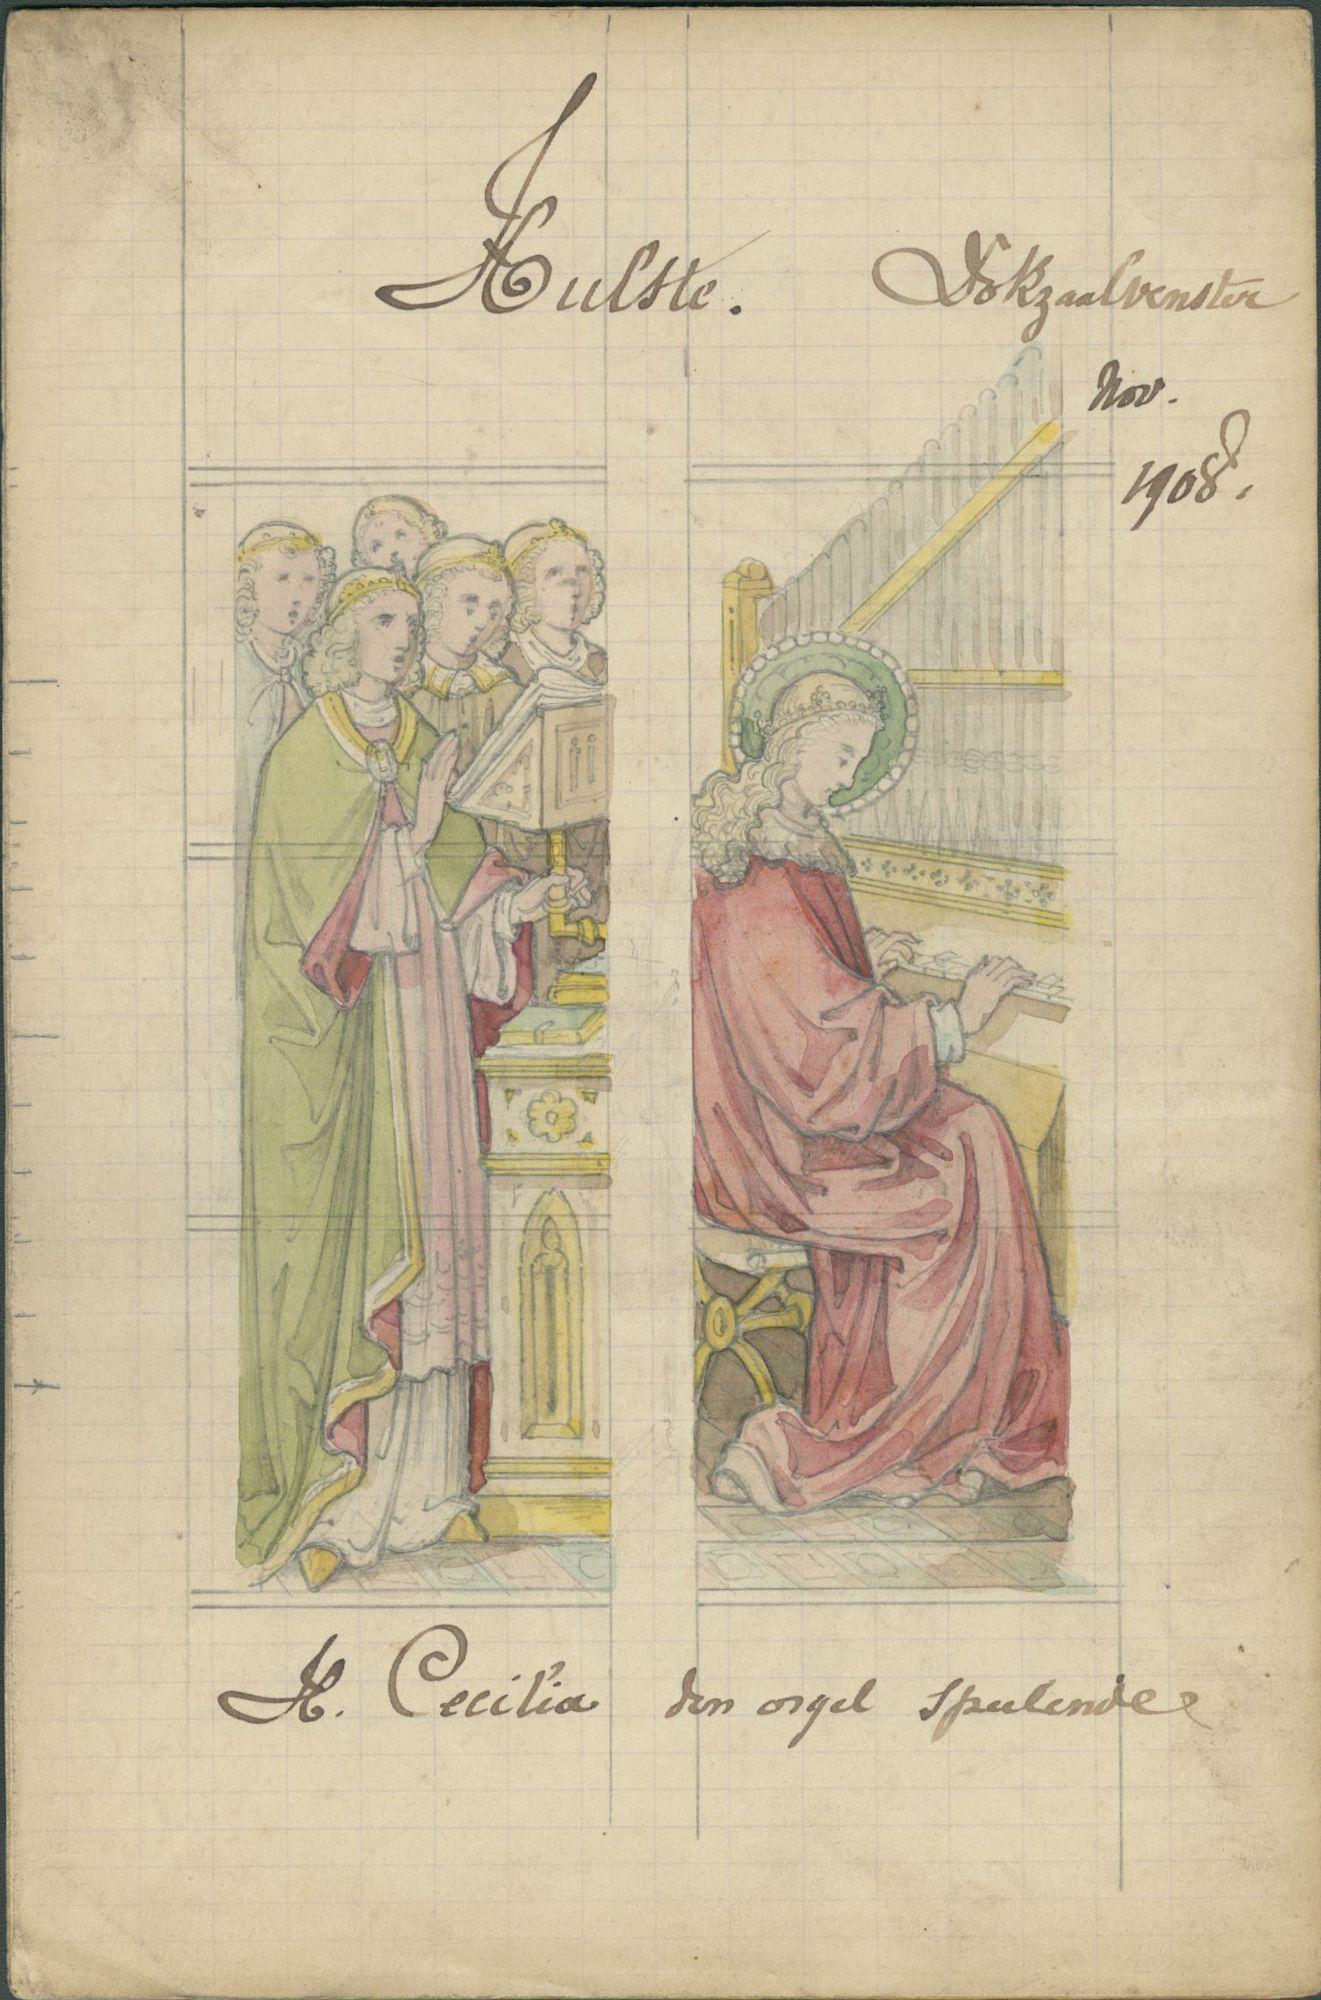 Westflandrica - ontwerp voor een glasraam